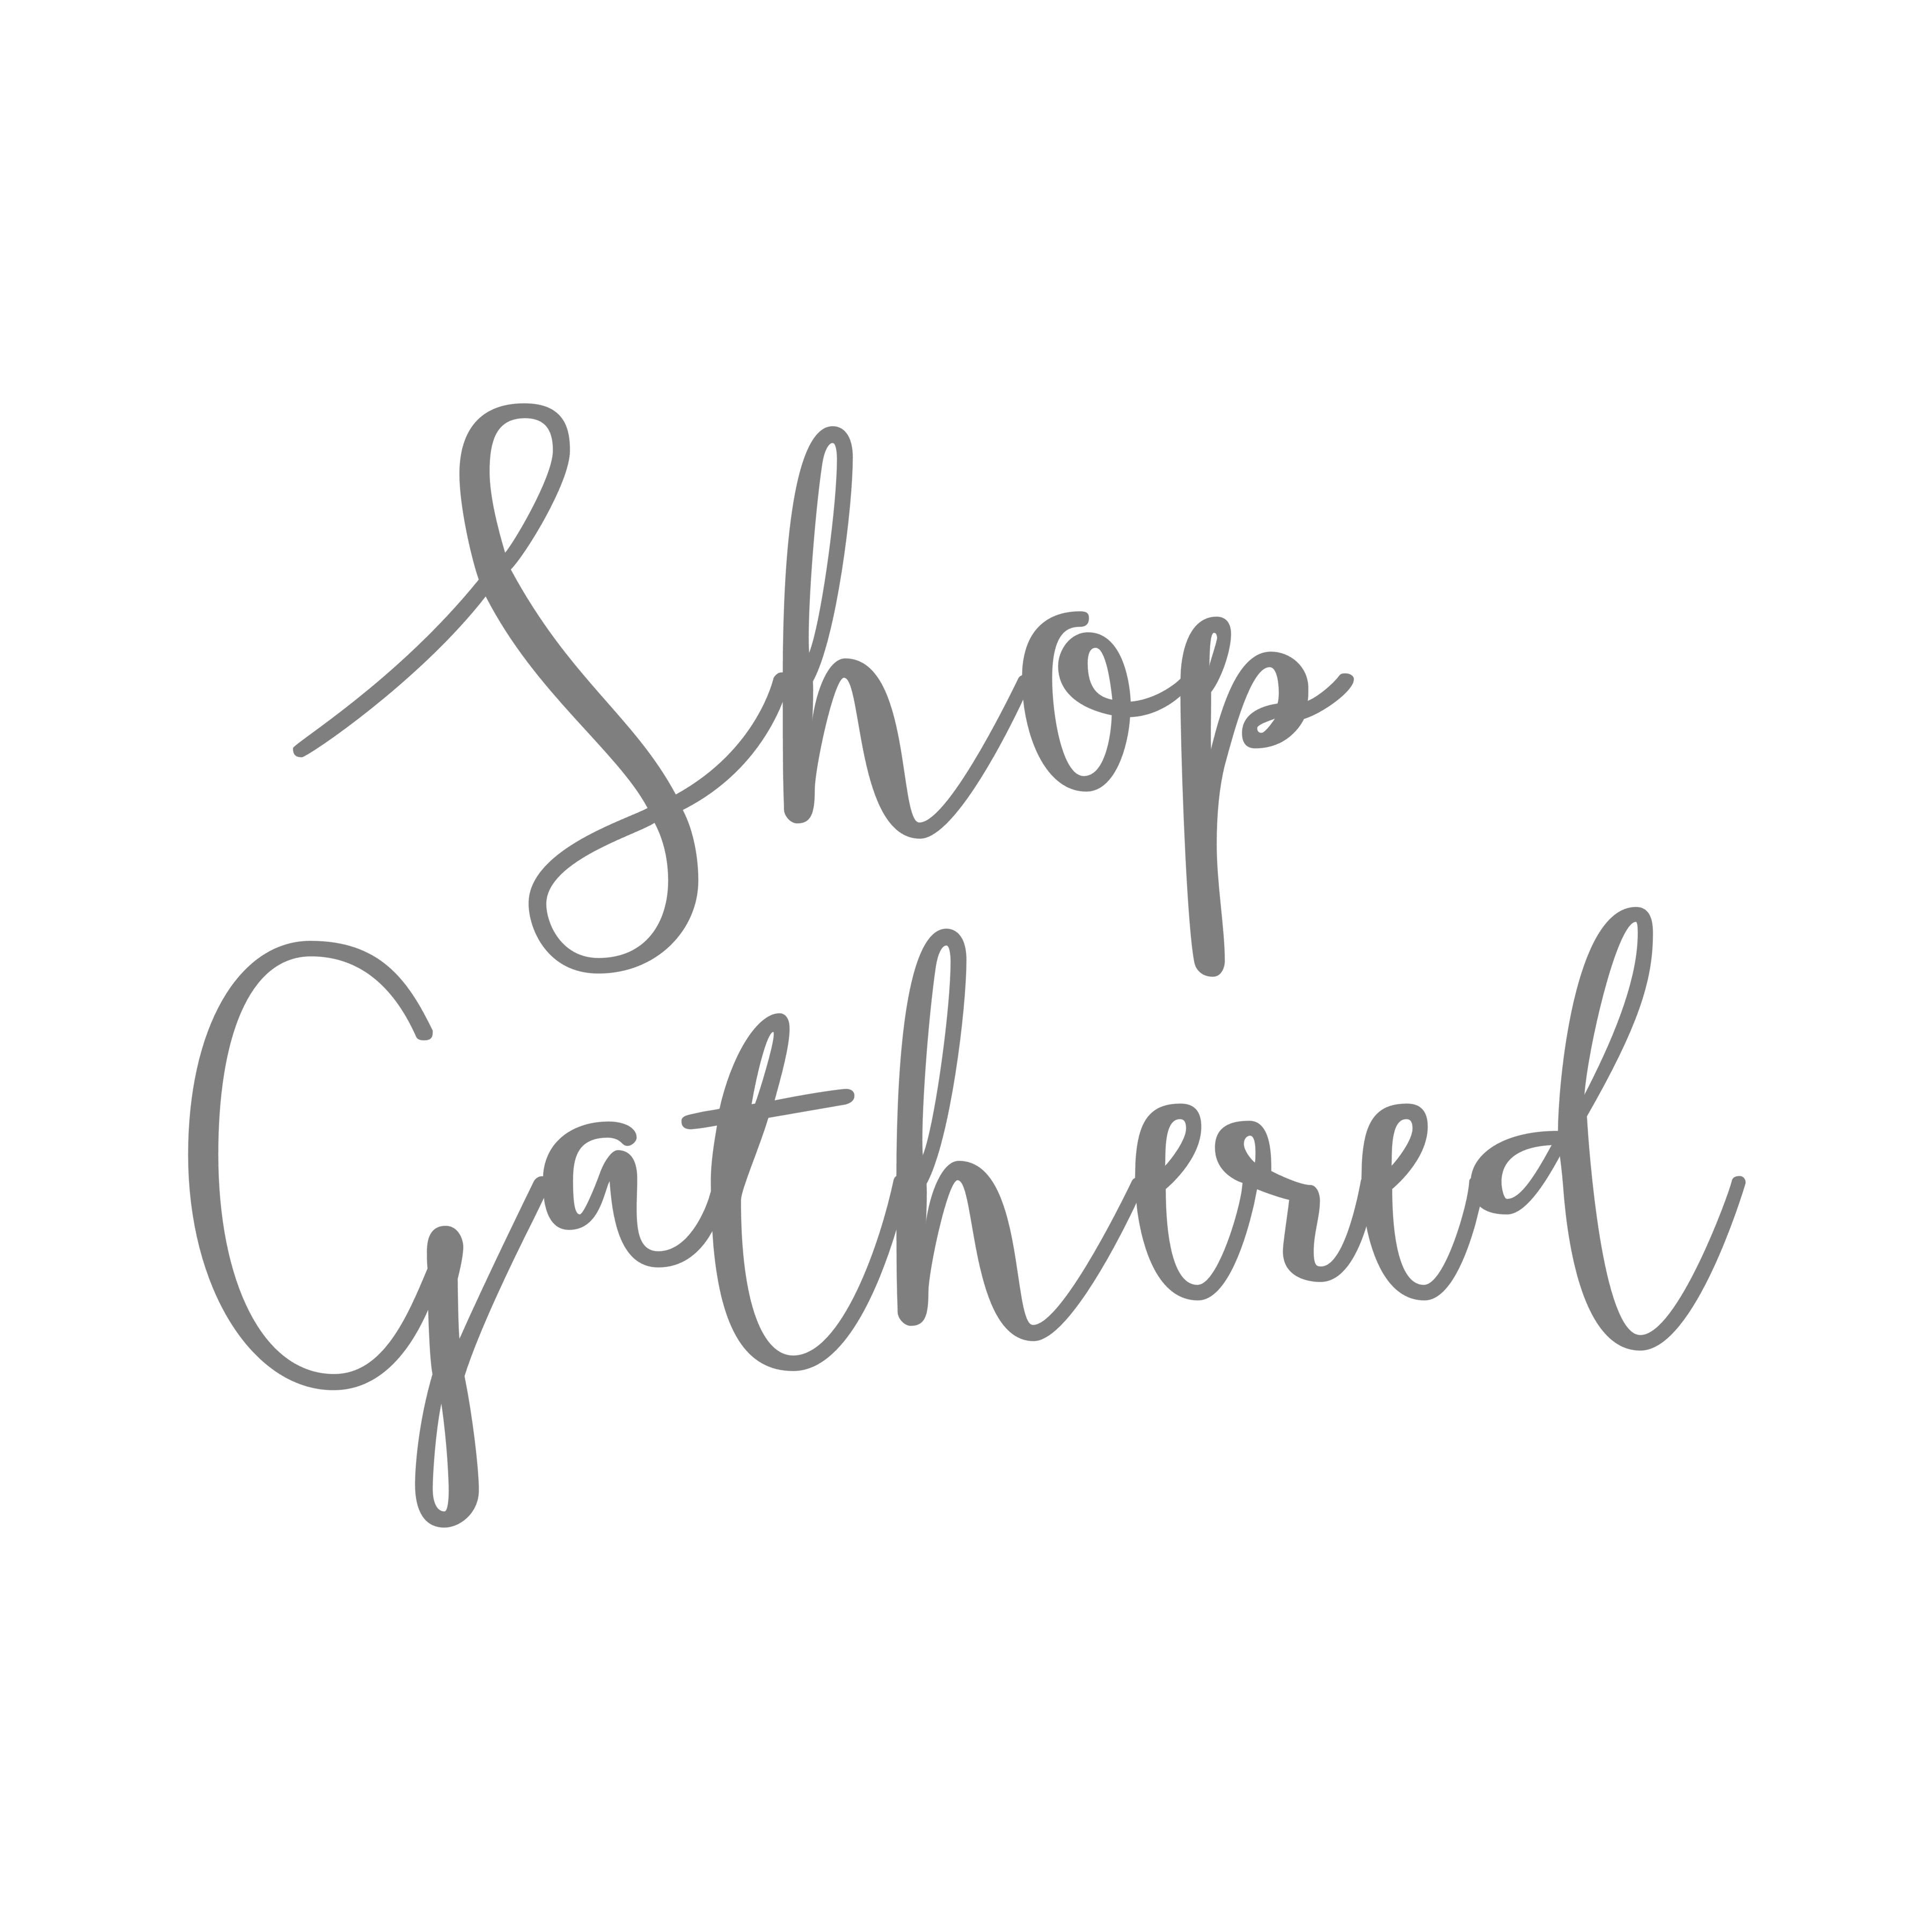 ShopGathered